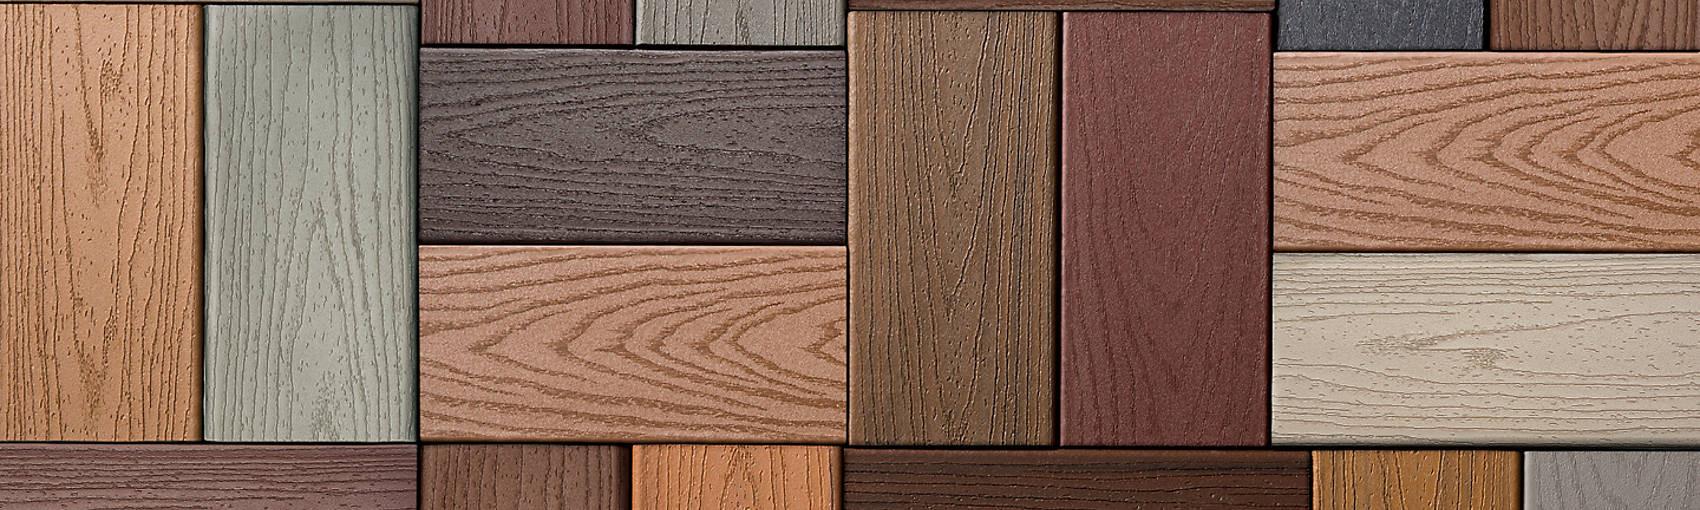 hardwood floor refinishing moorestown nj of composite decking composite deck materials trex within trex color selector hero 2